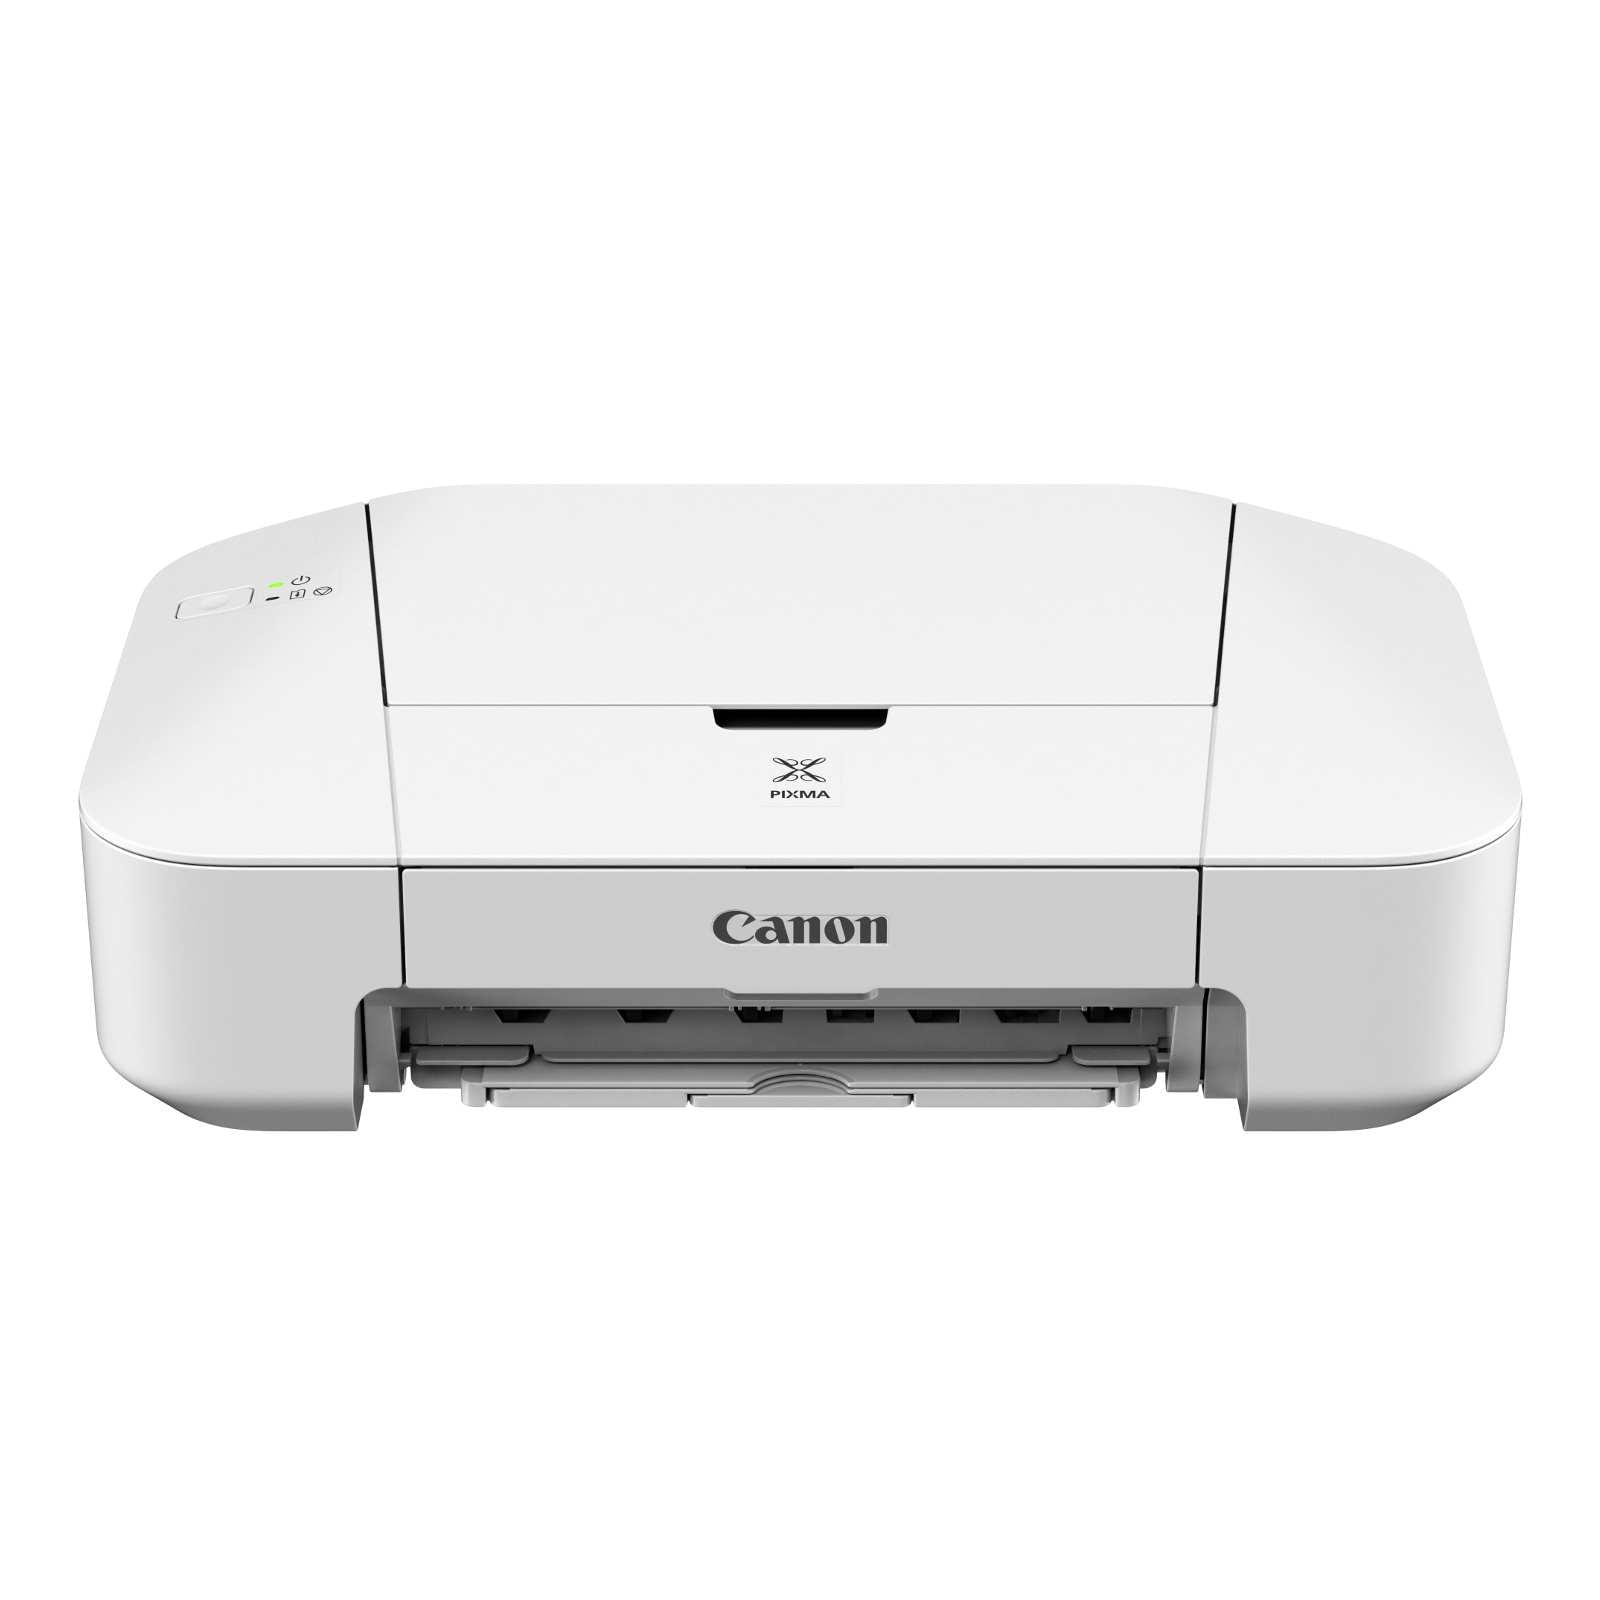 Canon PIXMA IP2850 (8745B006 arret work it) - Achat / Vente Imprimante sur Cybertek.fr - 0